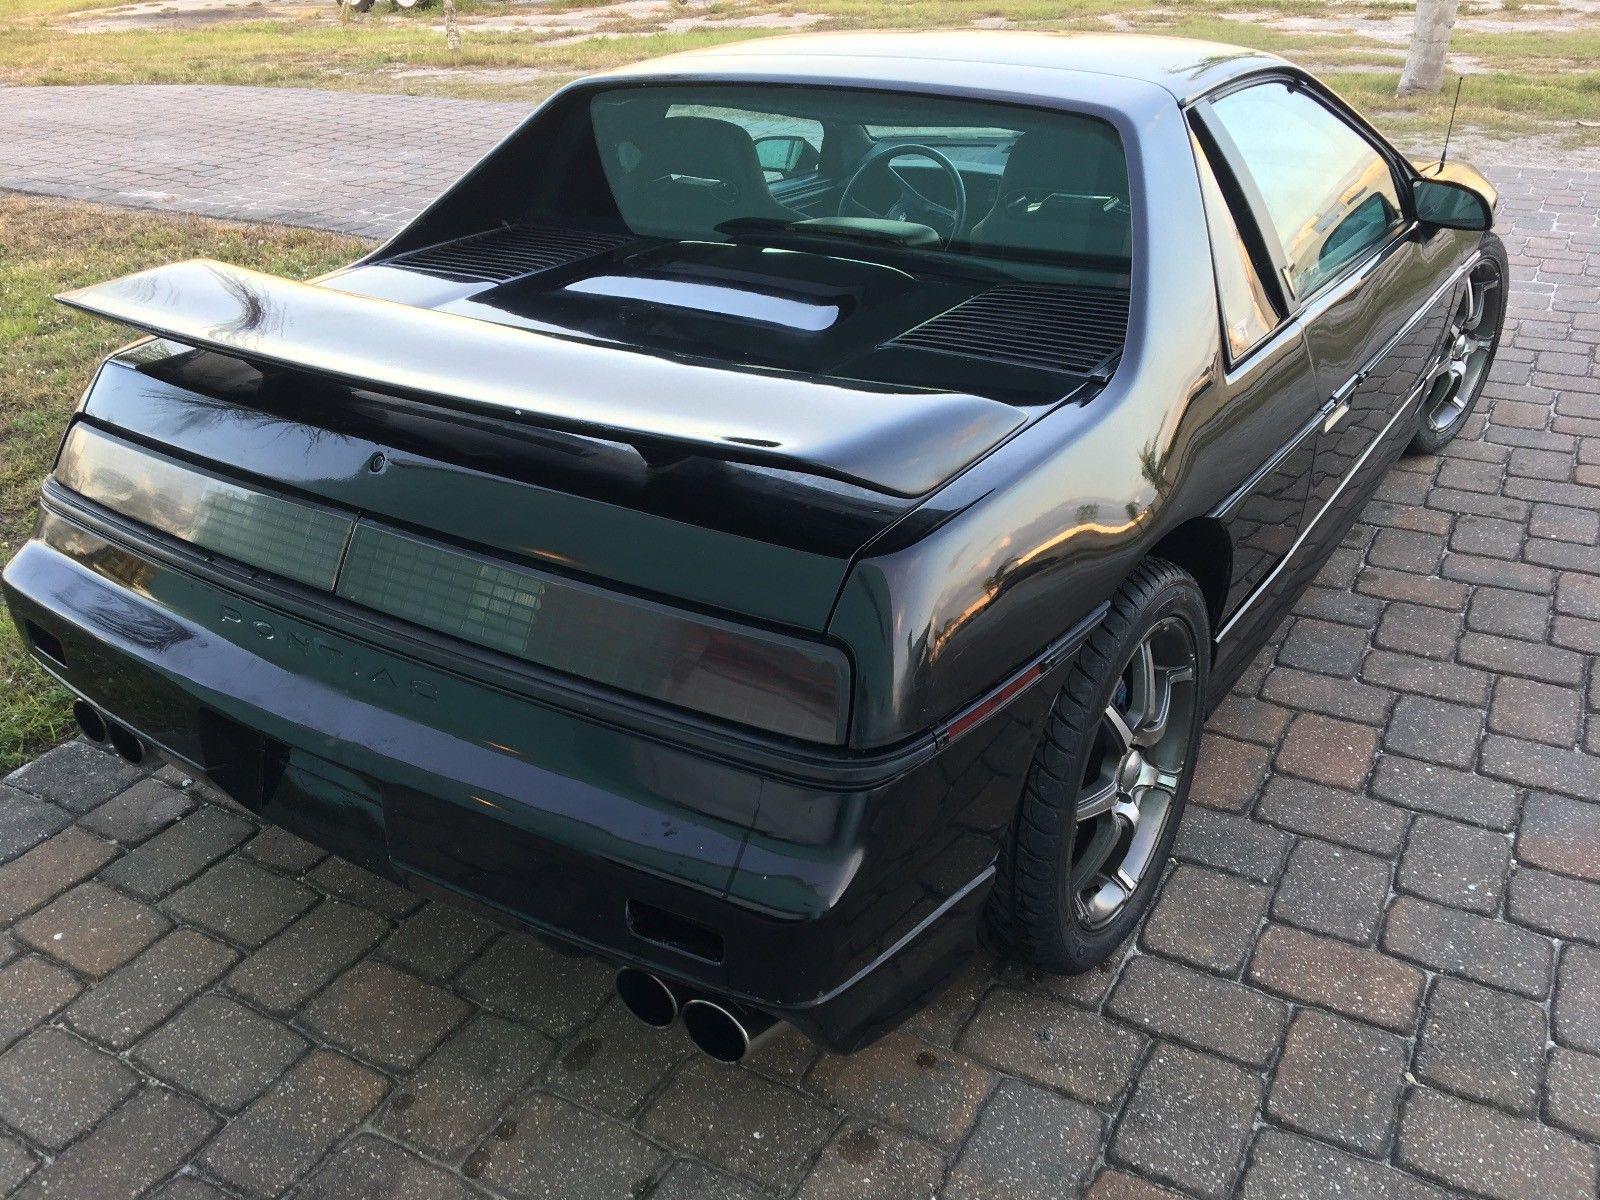 1986 Pontiac Fiero rear 3/4